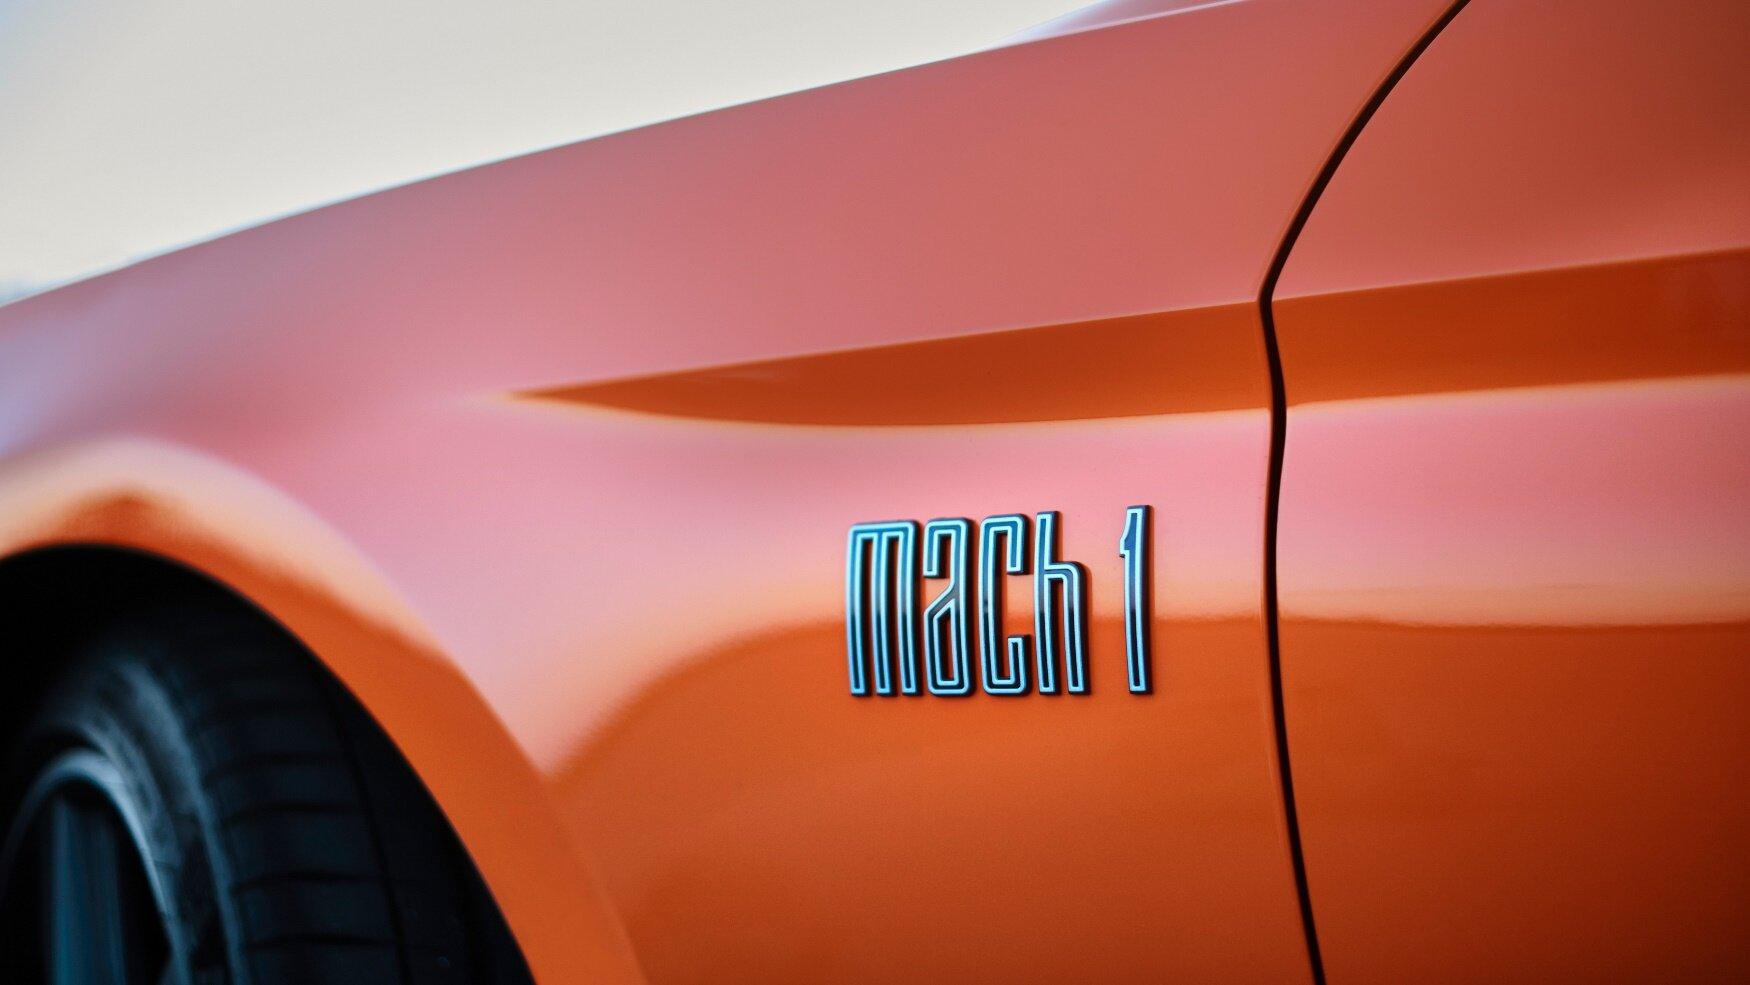 Nový Ford Mustang Mach 1 nabízí speciálně naladěný motor 5.0 V8 o výkonu 338 kW (460 k), vylepšenou aerodynamiku, posílené chlazení i úpravy podvozku a hnacího ústrojí